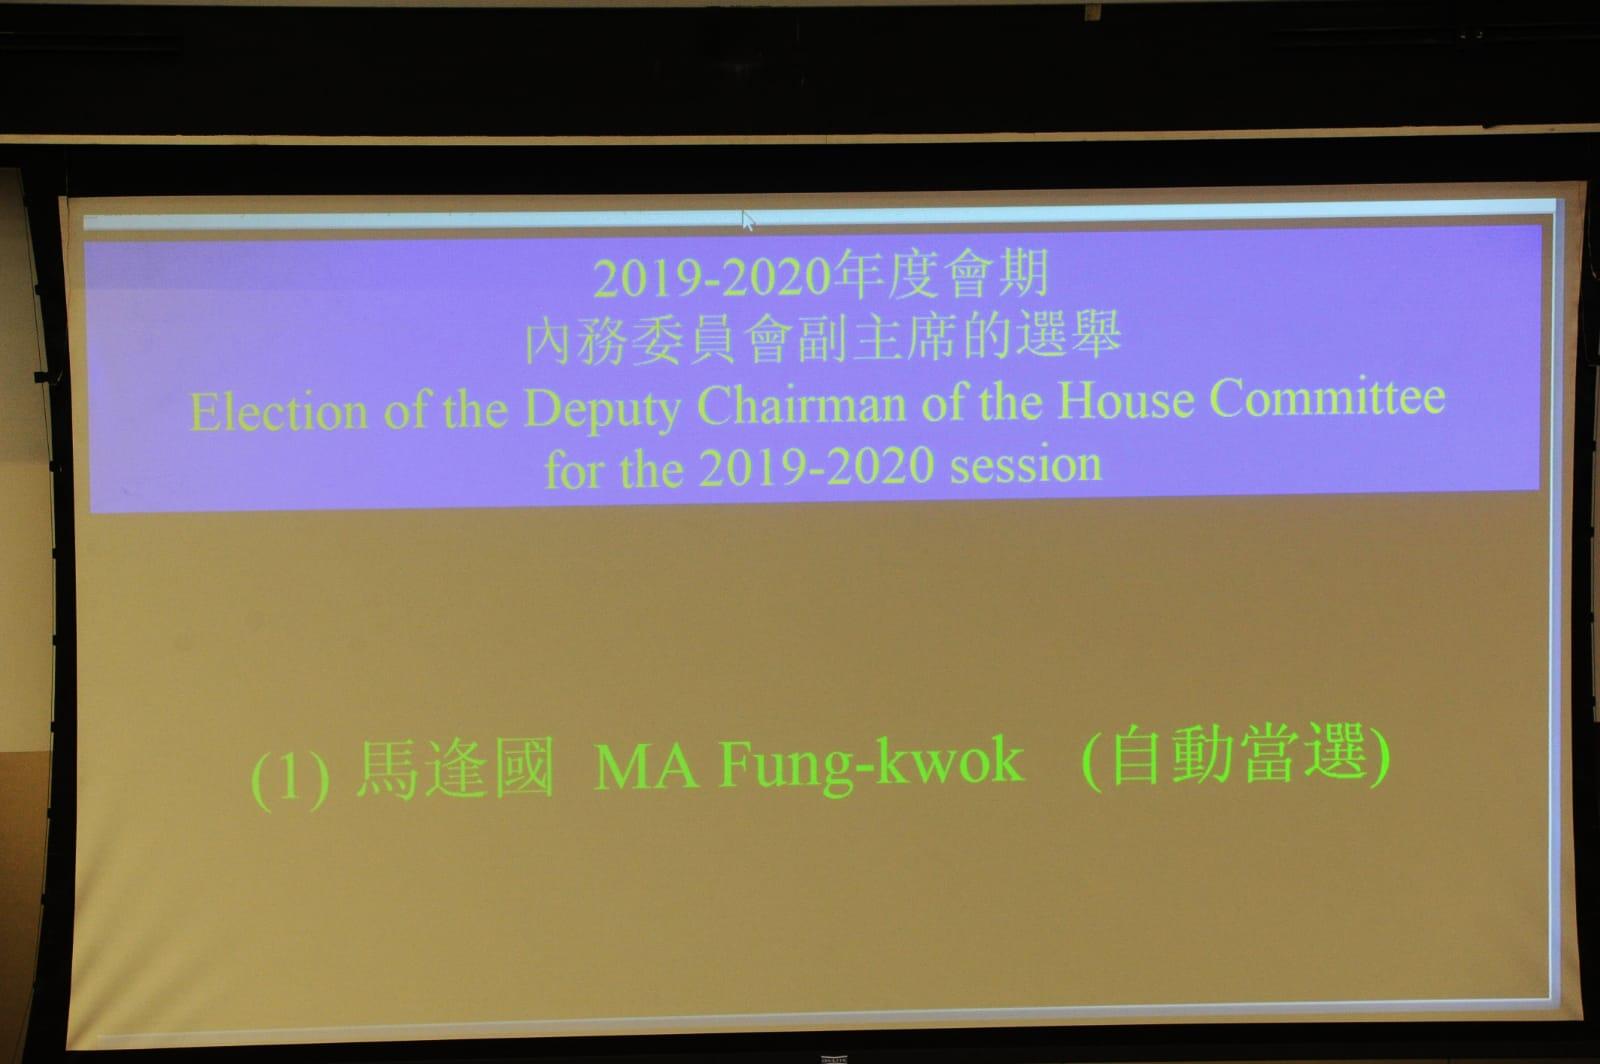 李慧琼非法主持下,未有出席會議的馬逢國議員當選內會副主席。(宋碧龍 / 大紀元)